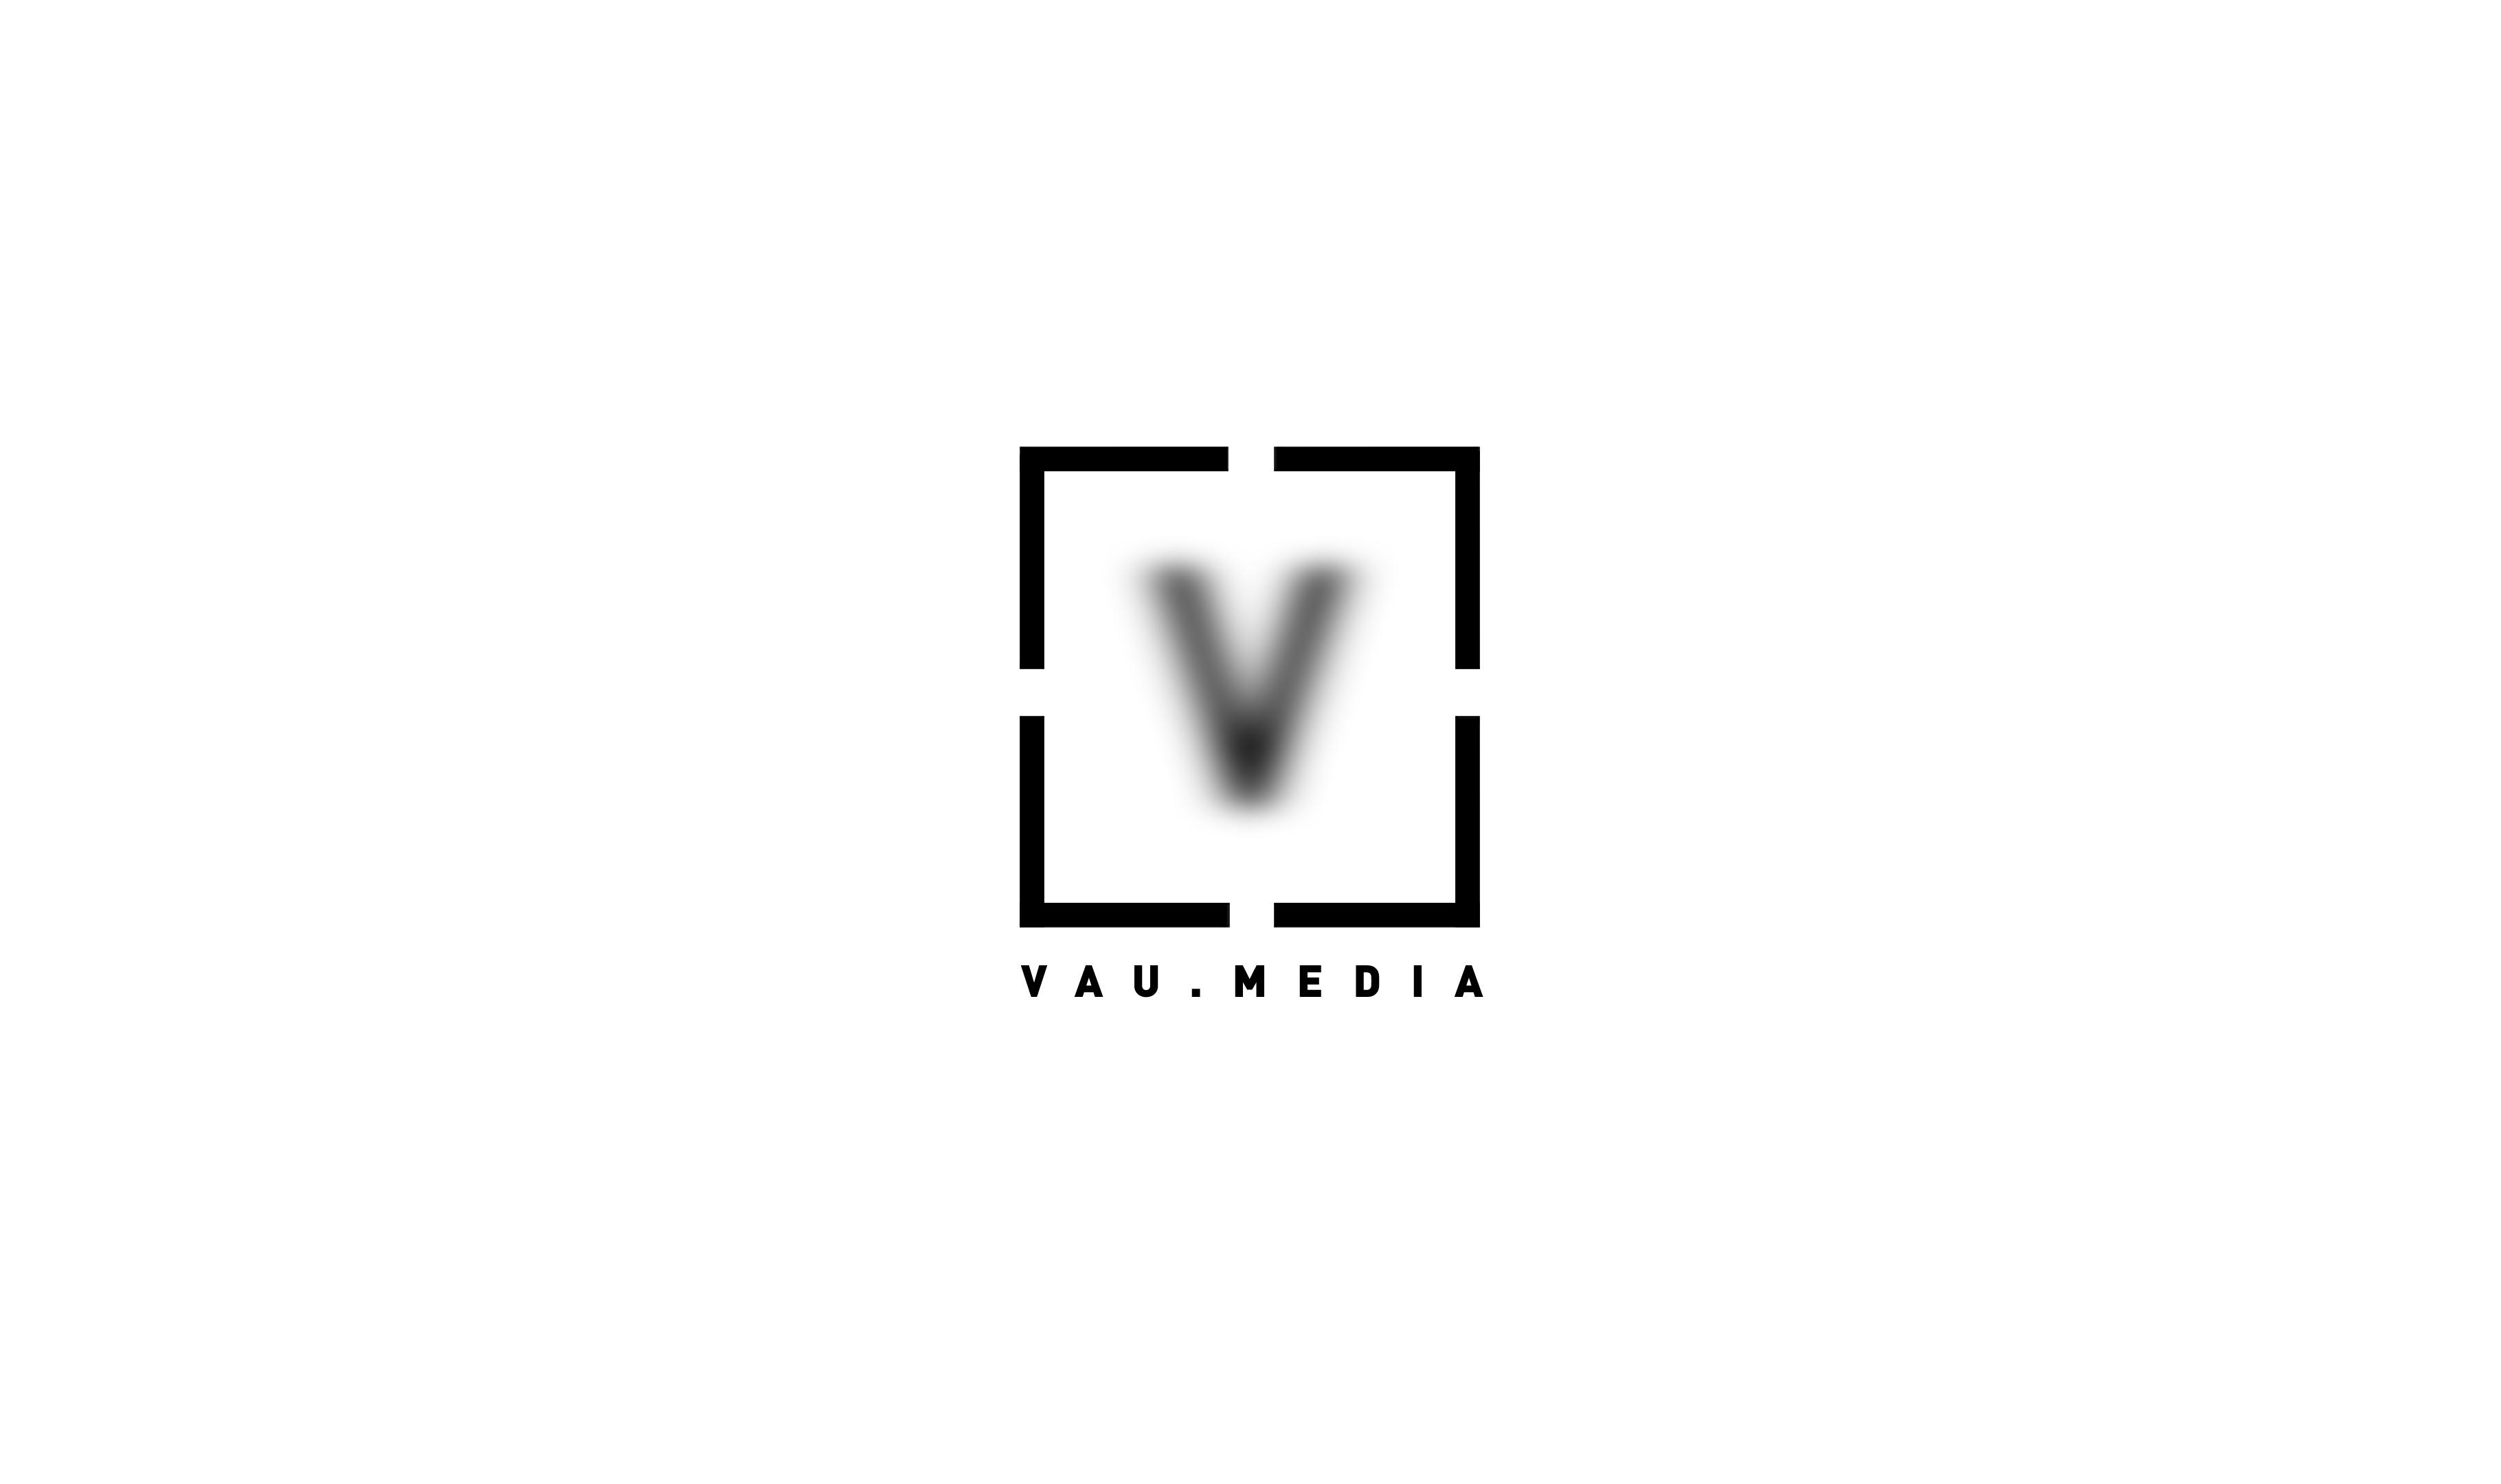 Neues VAU.MEDIA_LOGO